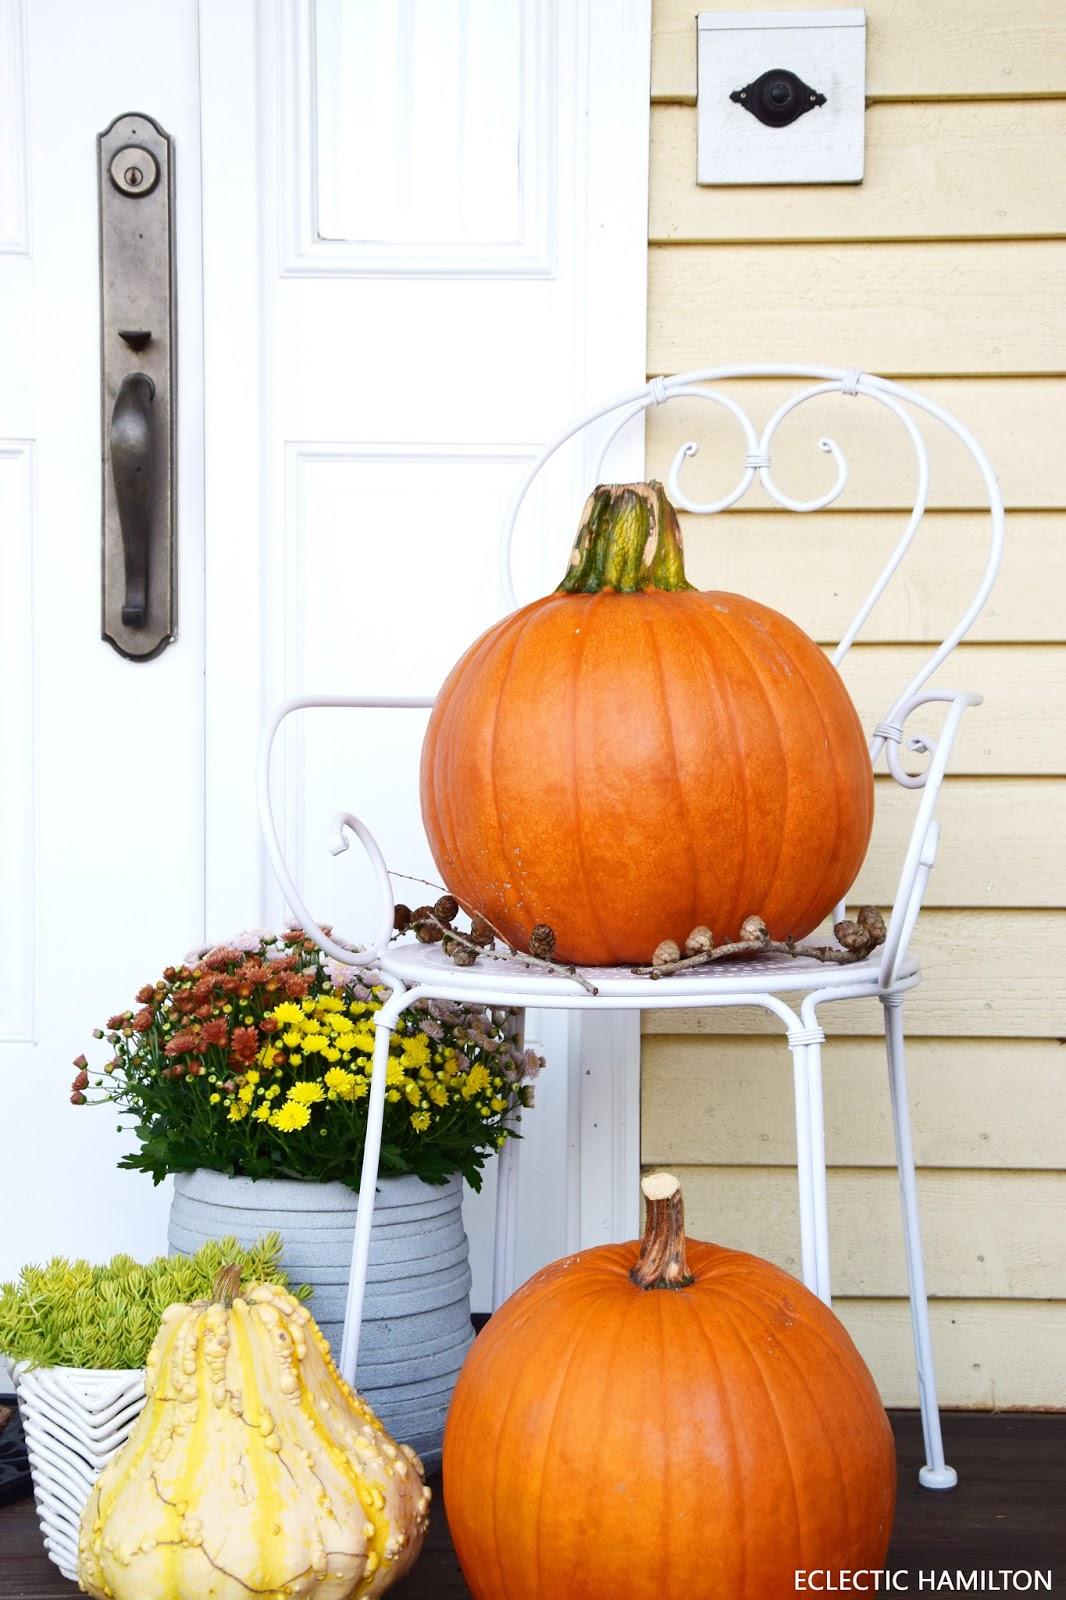 Herbstdeko mit Kürbis und natürlichen Materialien aus dem Wald: Moos, Tannenzapfen. Deko, Dekoration, Kürbis, Mais. Für die Haustüre, Veranda, Terrasse und Balkon